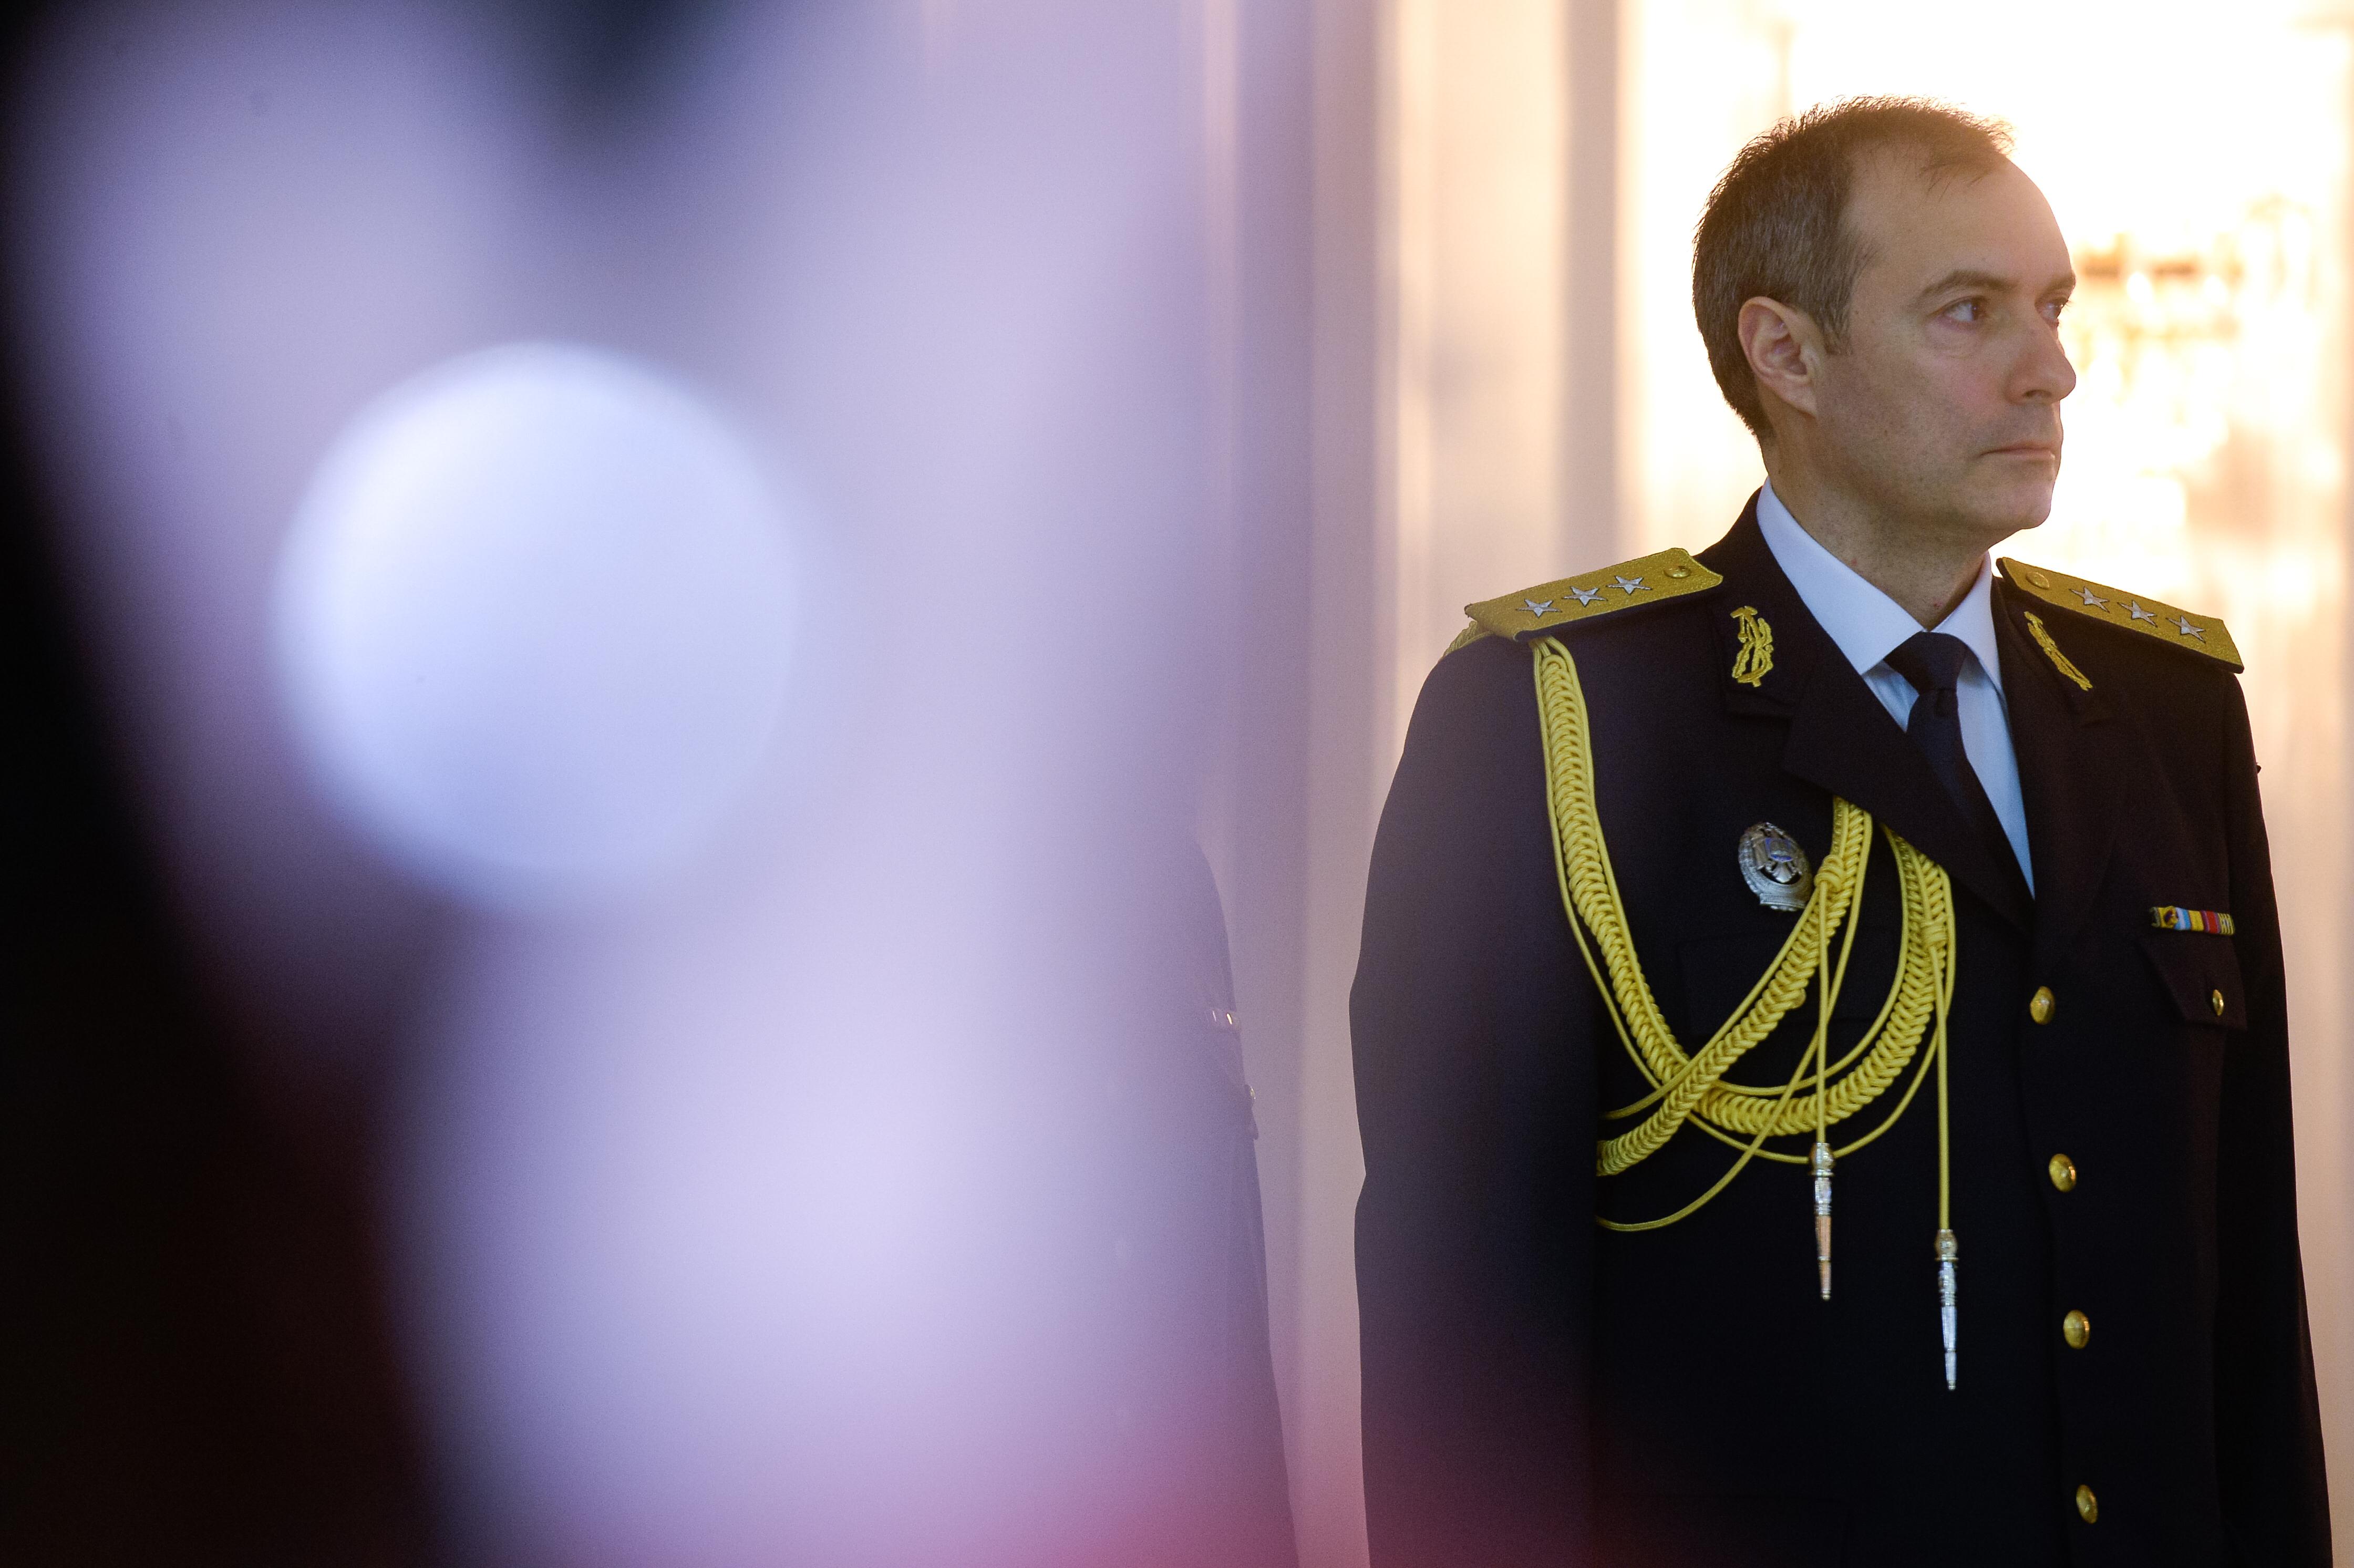 Fostul colonel SRI Daniel Dragomir dă trei nume de jurnalişti care îl vizitau pe generalul Coldea: `Eu nu spun că sunt ofiţeri acoperiţi, dar i-am văzut intrând sau ieşind de la el`